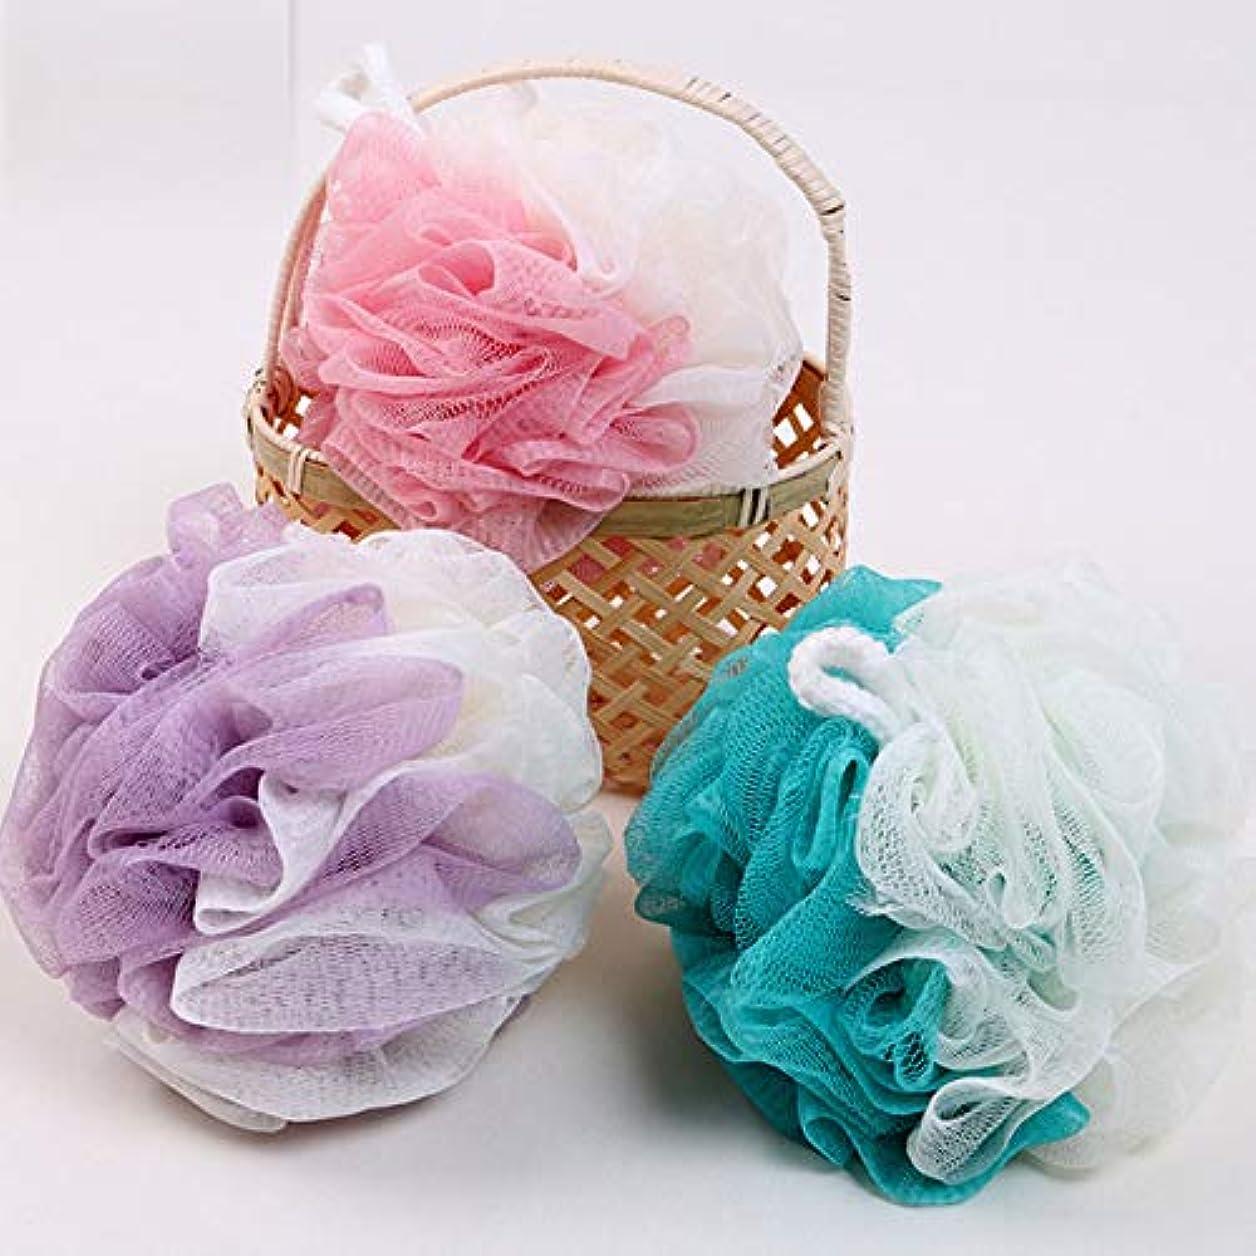 燃やす本質的ではない納税者ボディウォッシュボール 泡立てネット スポンジ フラワーボール 超柔軟 シャワー用 風呂 浴室 3 個入 (3 個入, Pink + Purple + Blue)